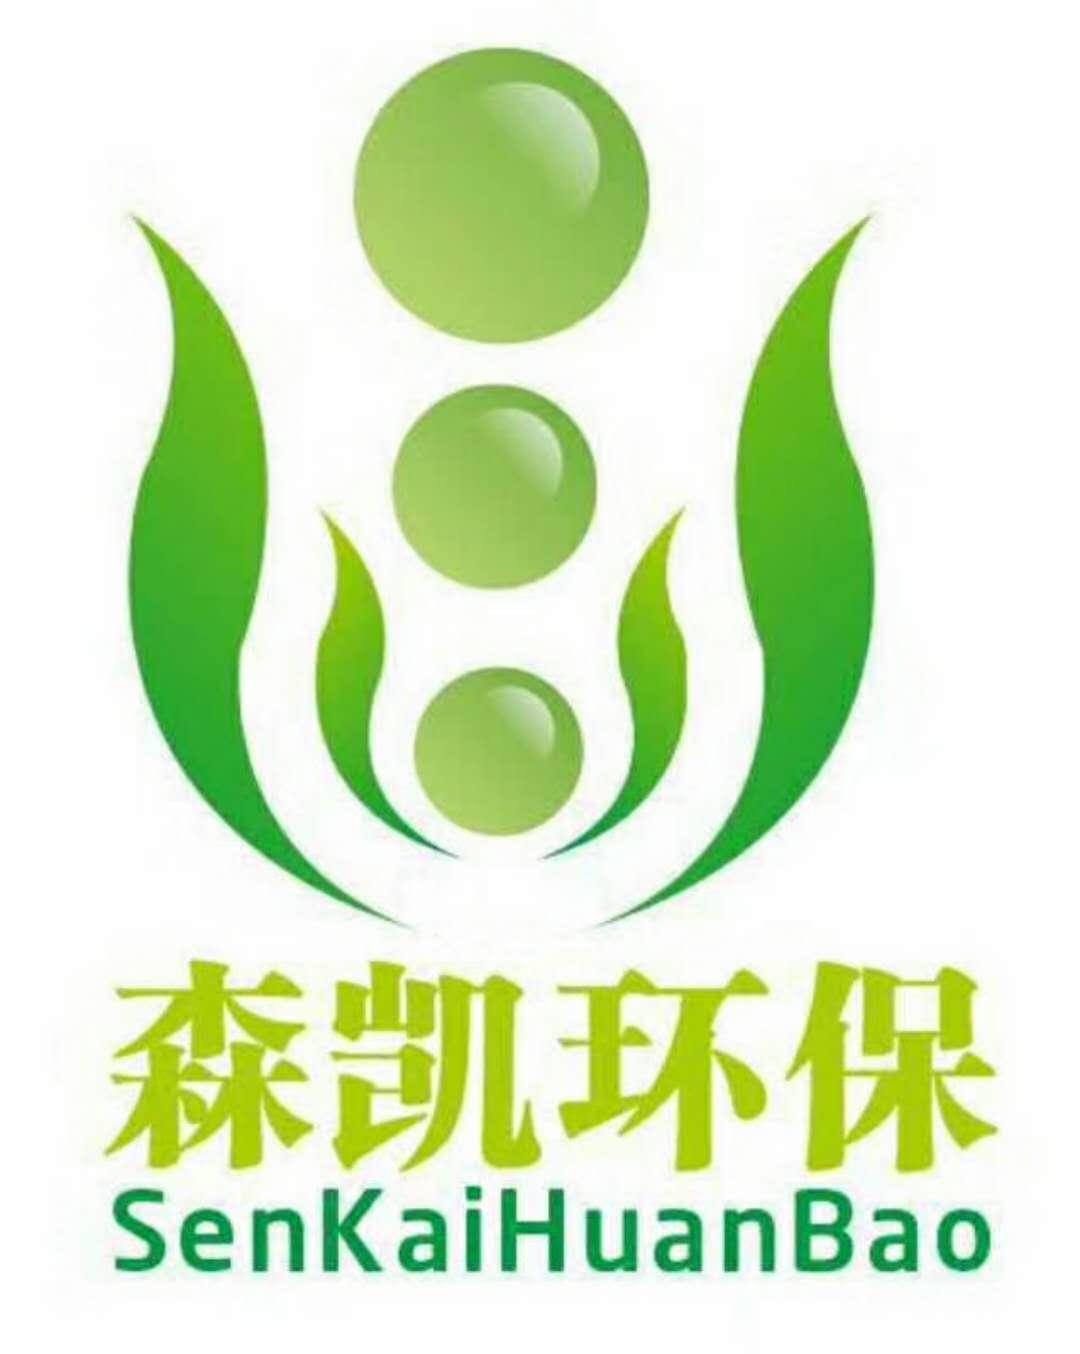 四川森凯环保科技有限公司